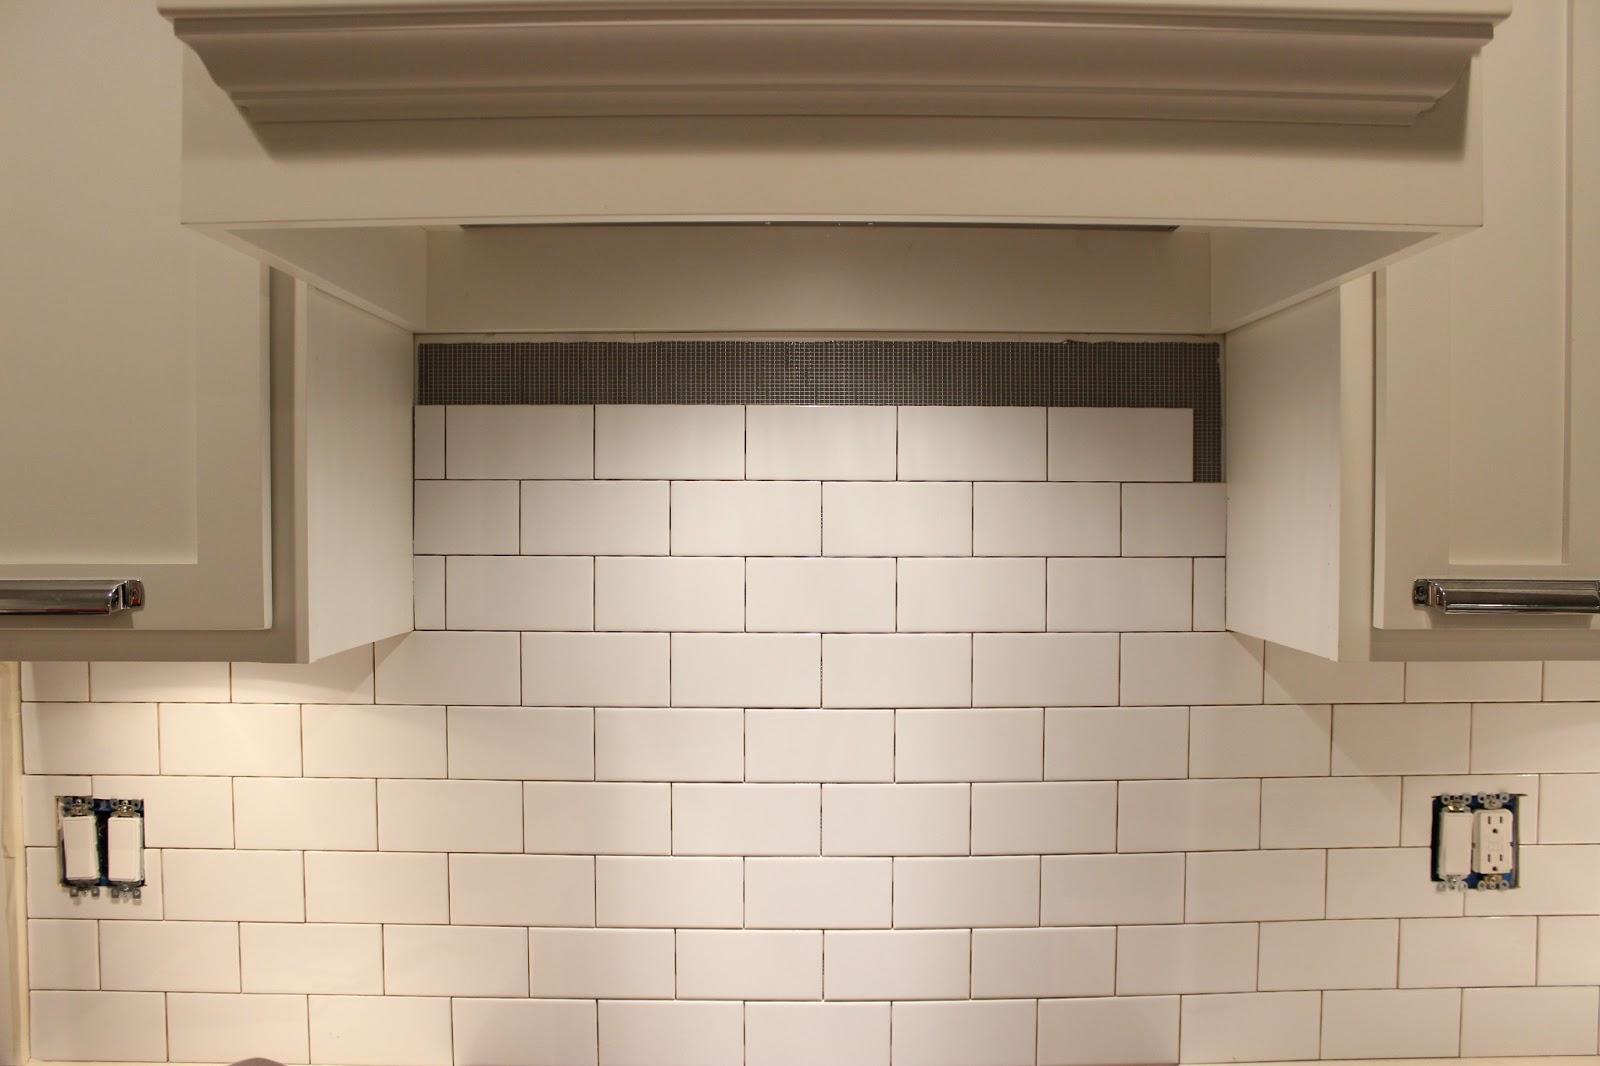 easy diy subway tile backsplash tutorial dream book design. Black Bedroom Furniture Sets. Home Design Ideas